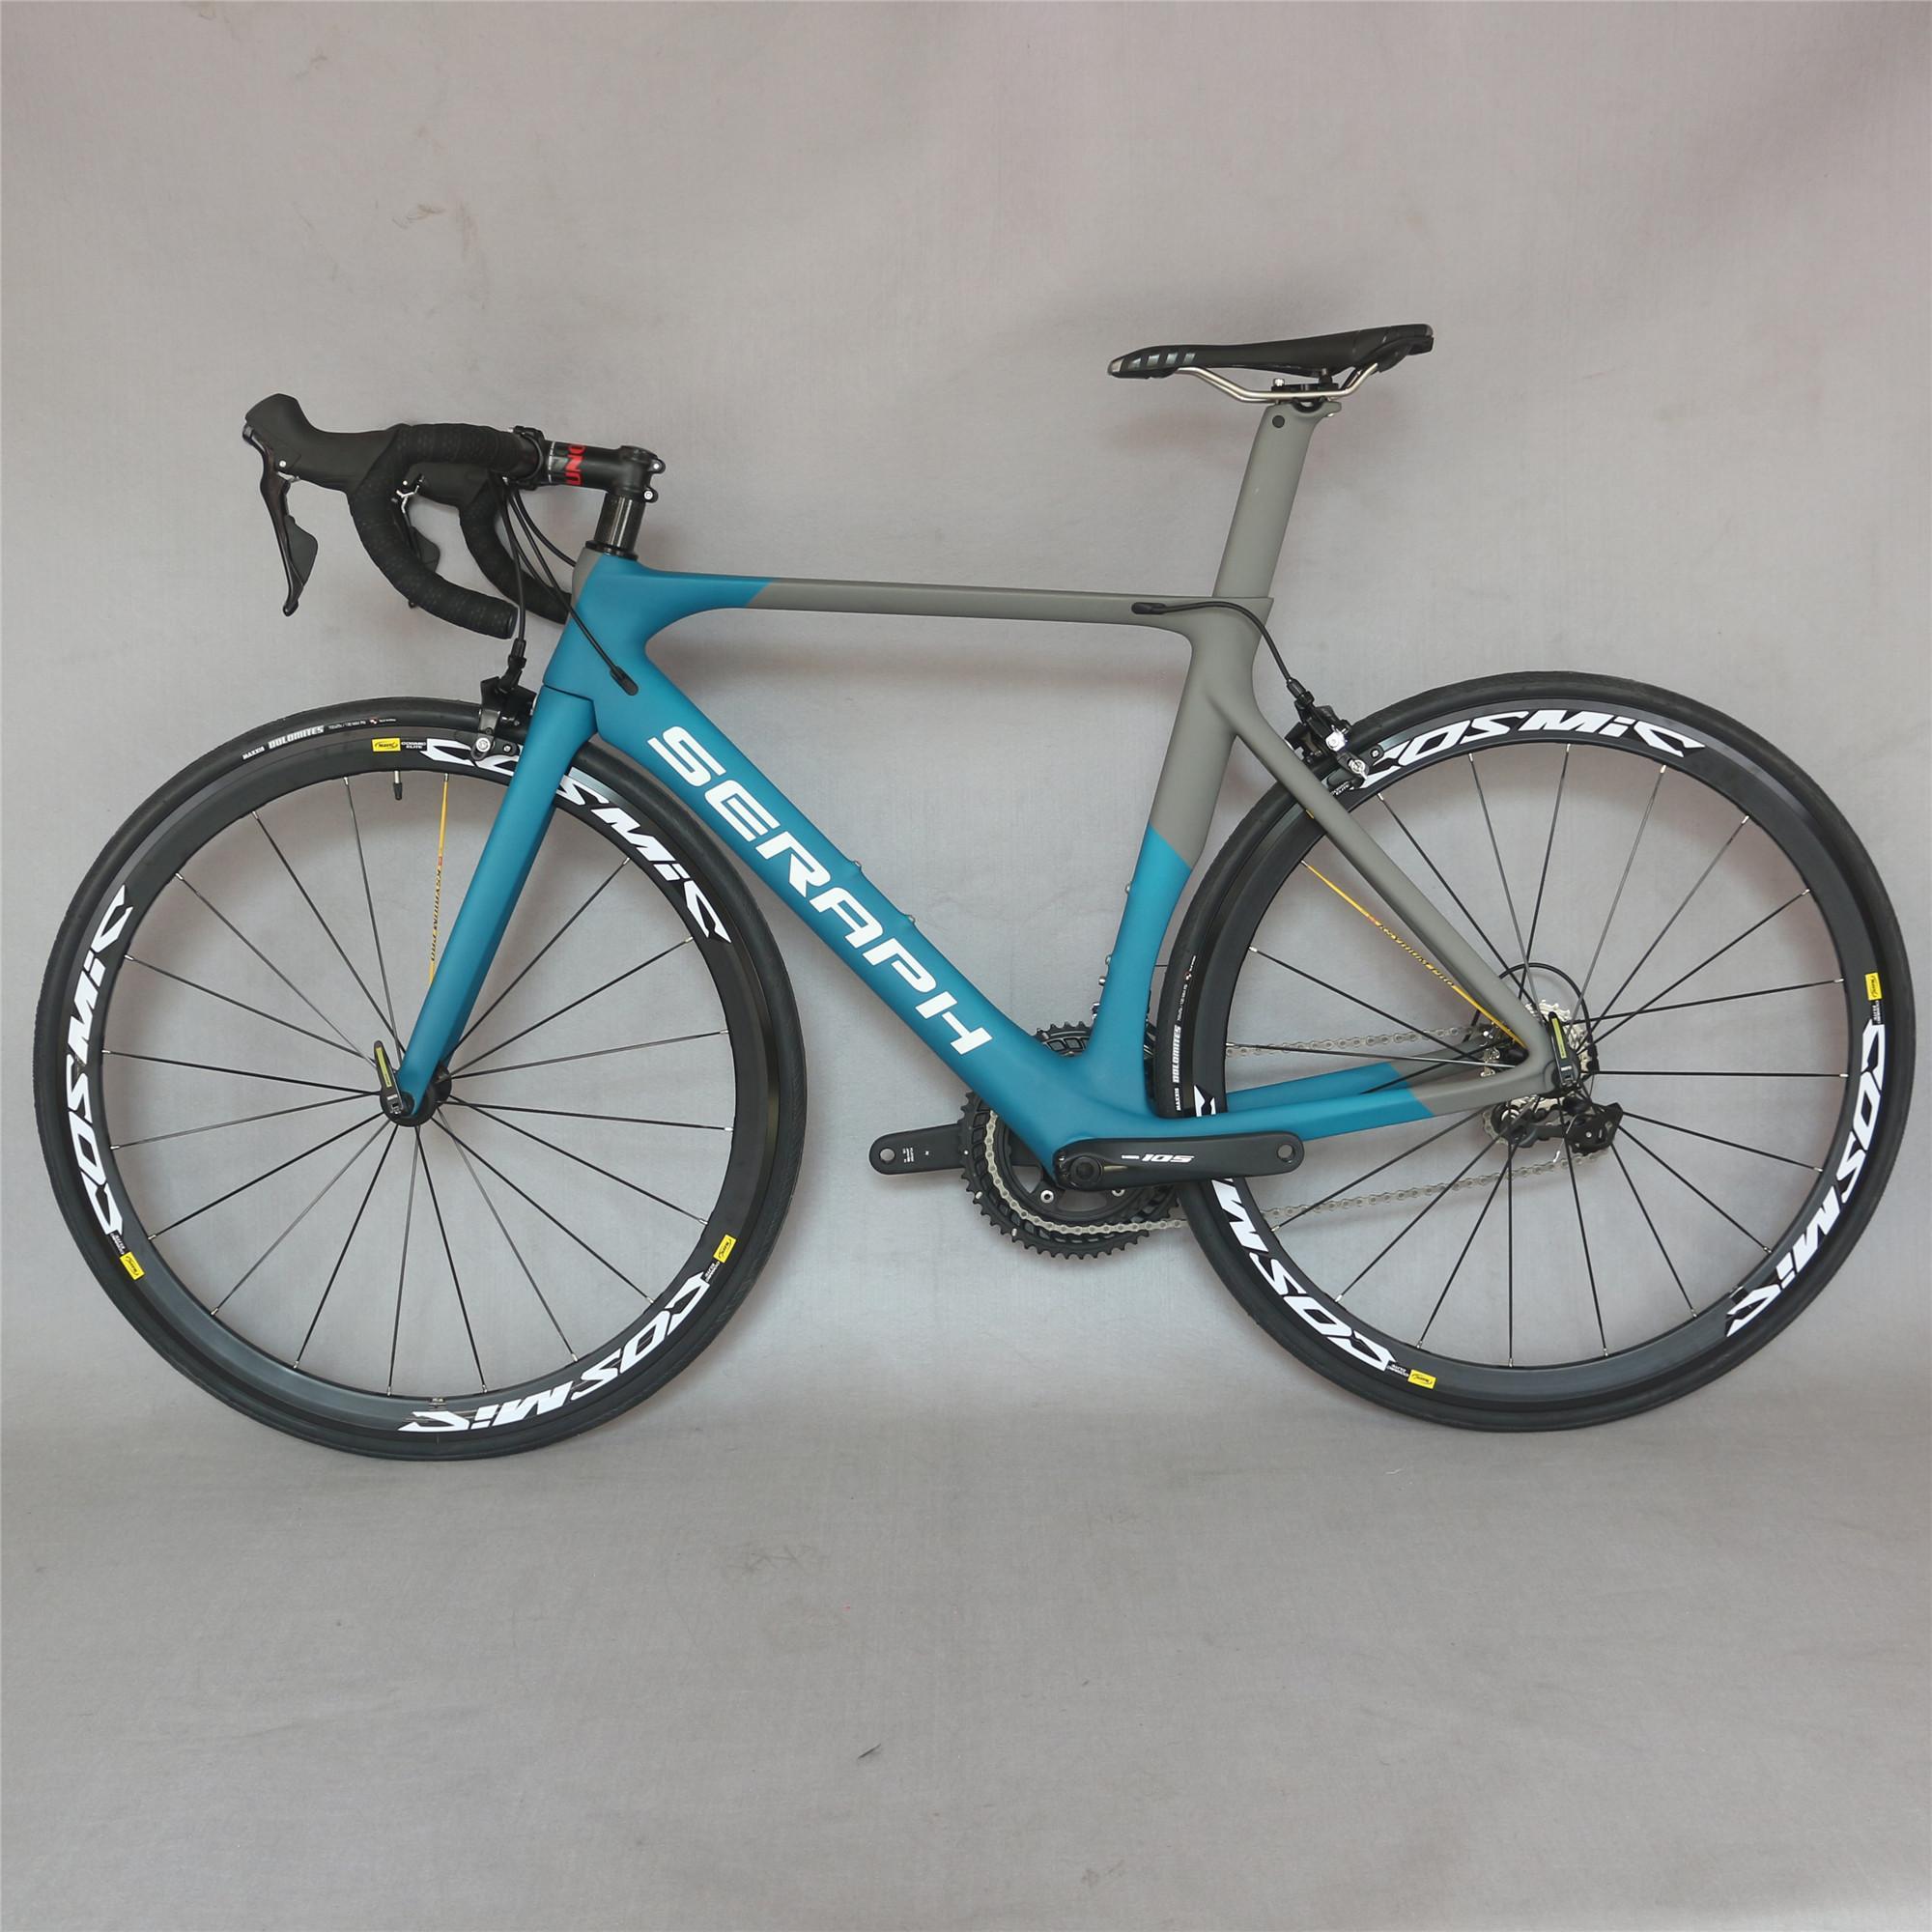 Полная дорожная карбоновая велосипед, карбоновый велосипед Дорожная рама с GOUNDSSET SHI R7000 22 SPEECT ROAD велосипед Полный велосипед